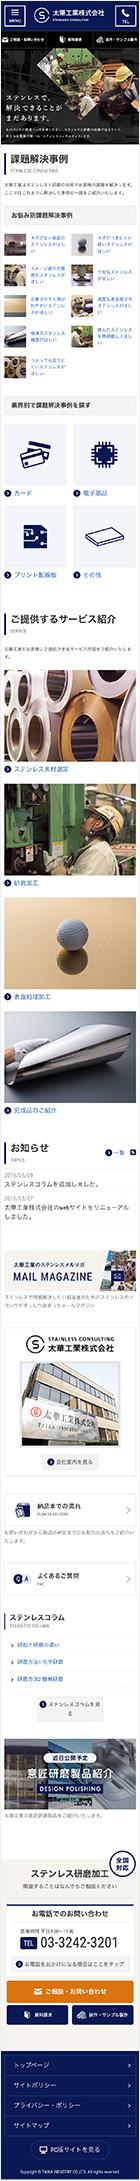 太華工業株式会社様